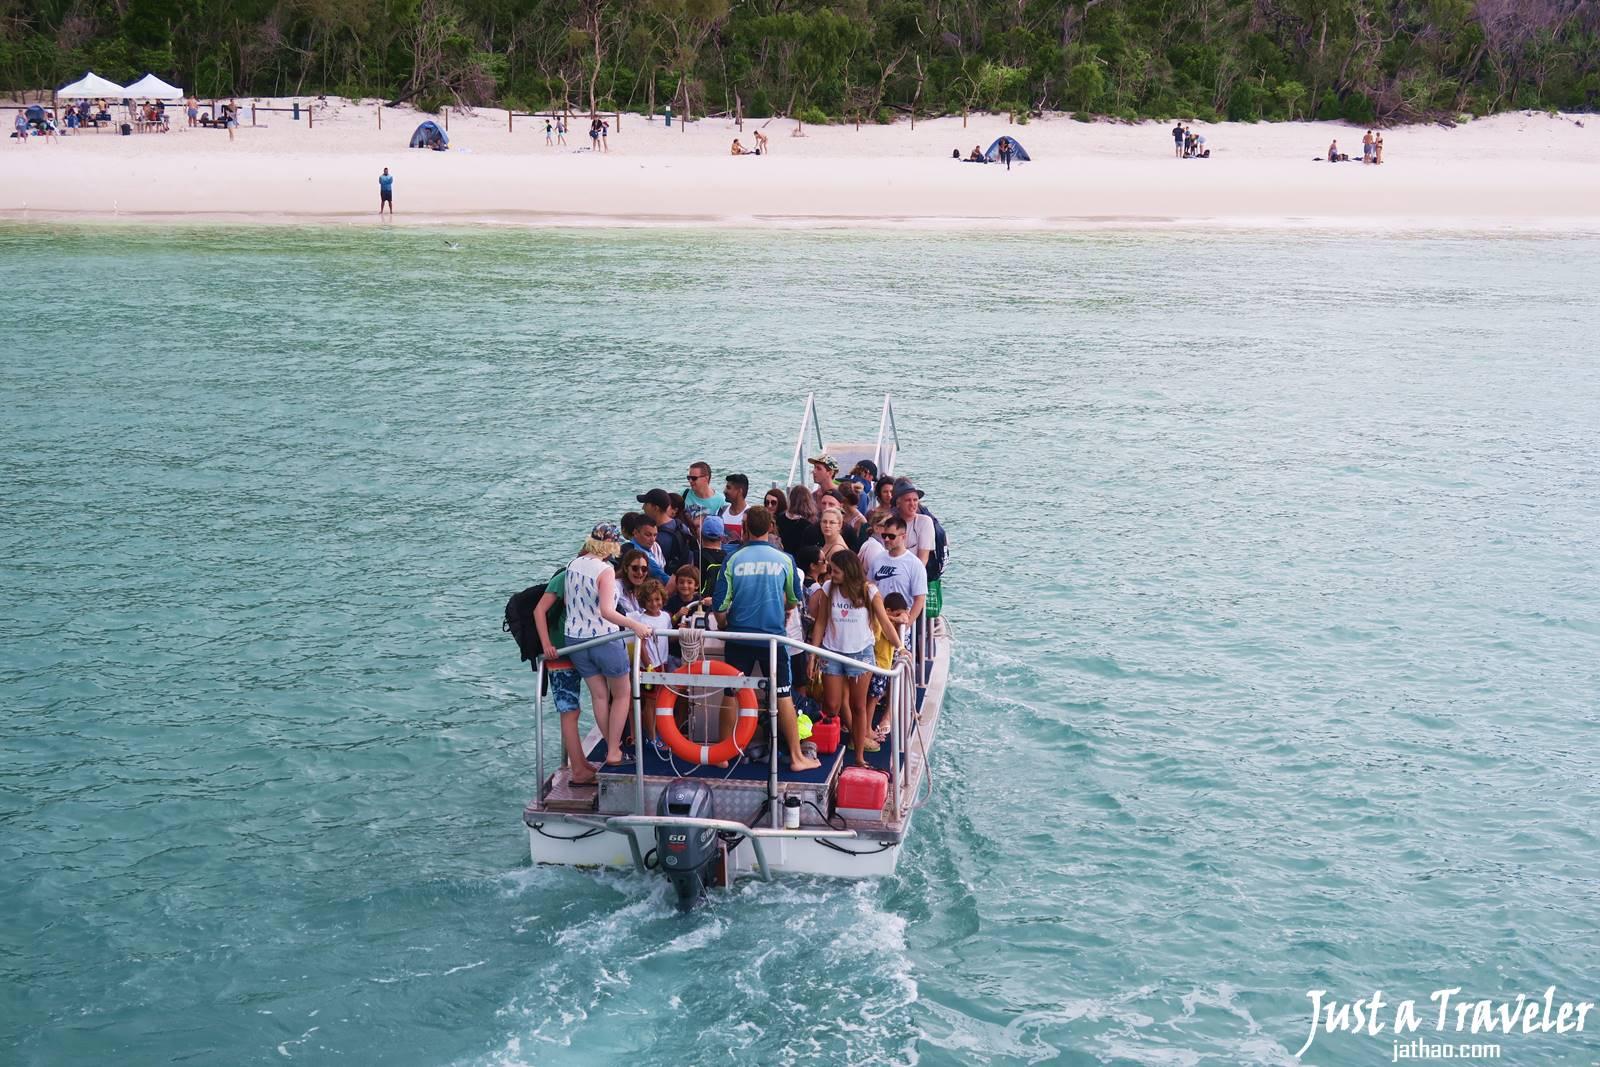 澳洲-聖靈群島-白天堂沙灘-白天堂海灘-景點-推薦-攻略-交通-自由行-遊記-必玩-必去-必遊-行程-一日遊-半日遊-旅遊-Whitsundays-Whitehaven-Beach-船